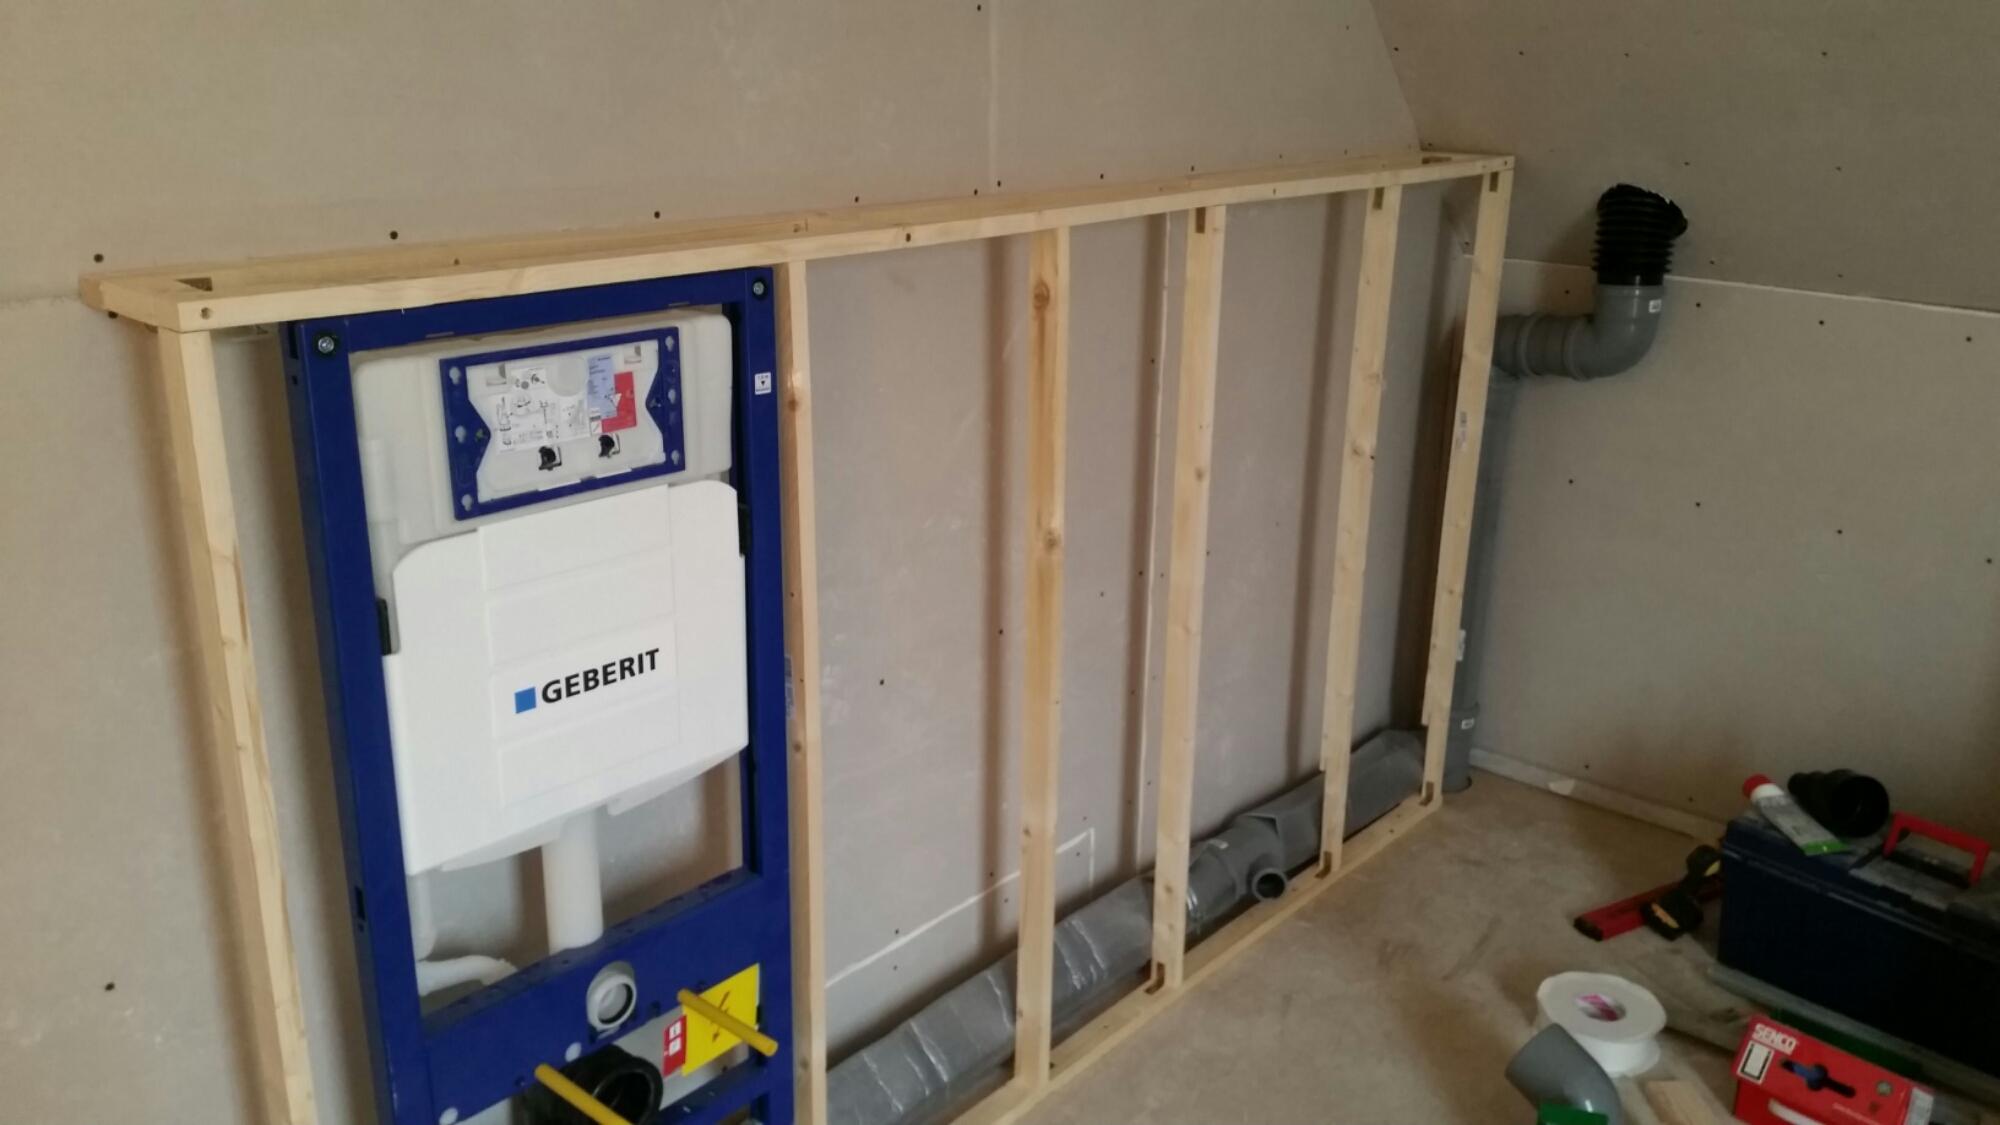 Wandnische Einbau Im Badezimmer Trockenbau Container Box .